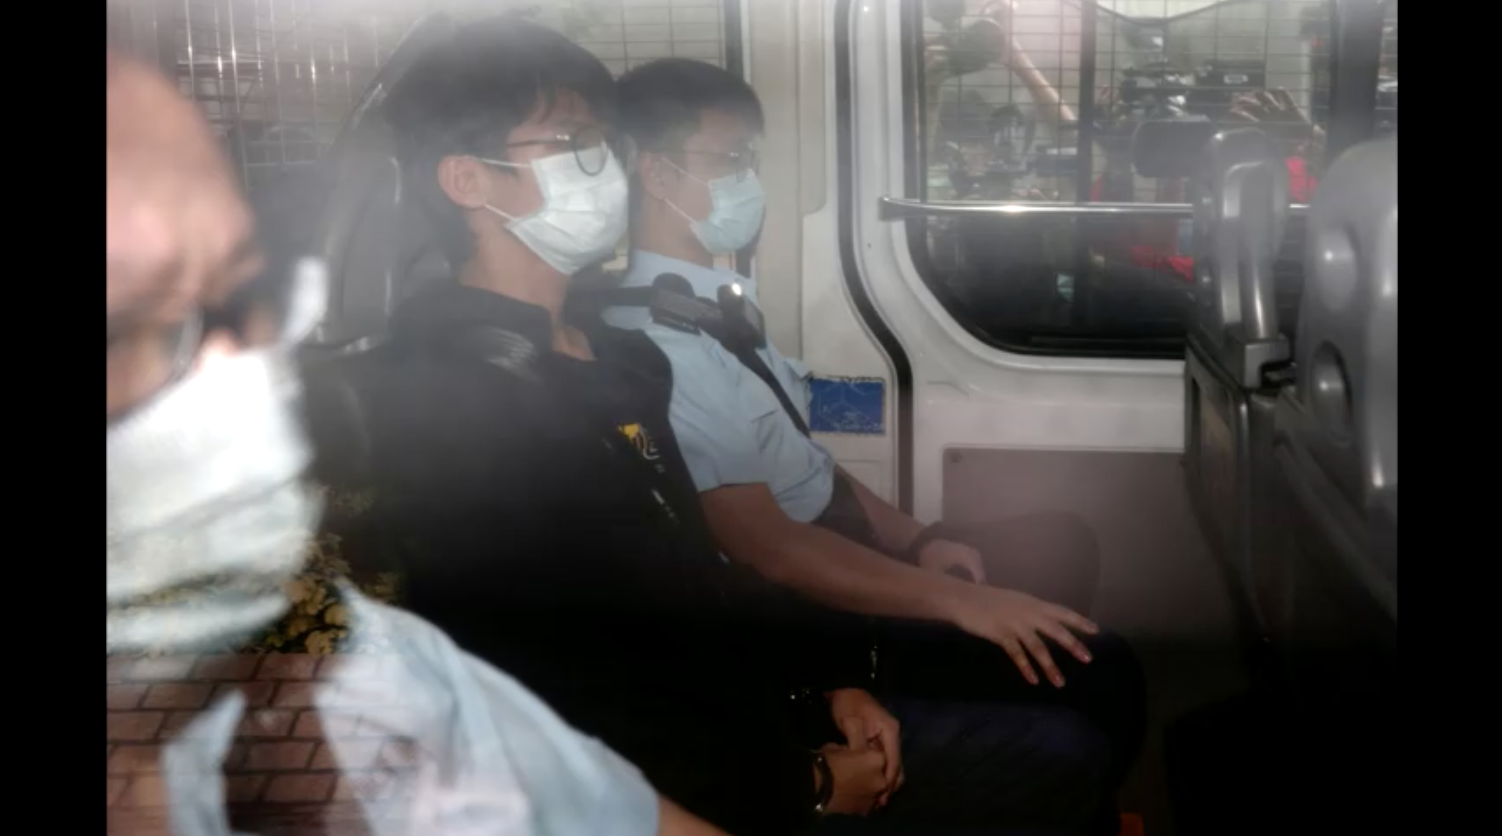 Nhà hoạt động Tony Chung ra tòa ở Hồng Kông sau khi bị bắt giữ gần Tòa Lãnh Sự Hoa Kỳ